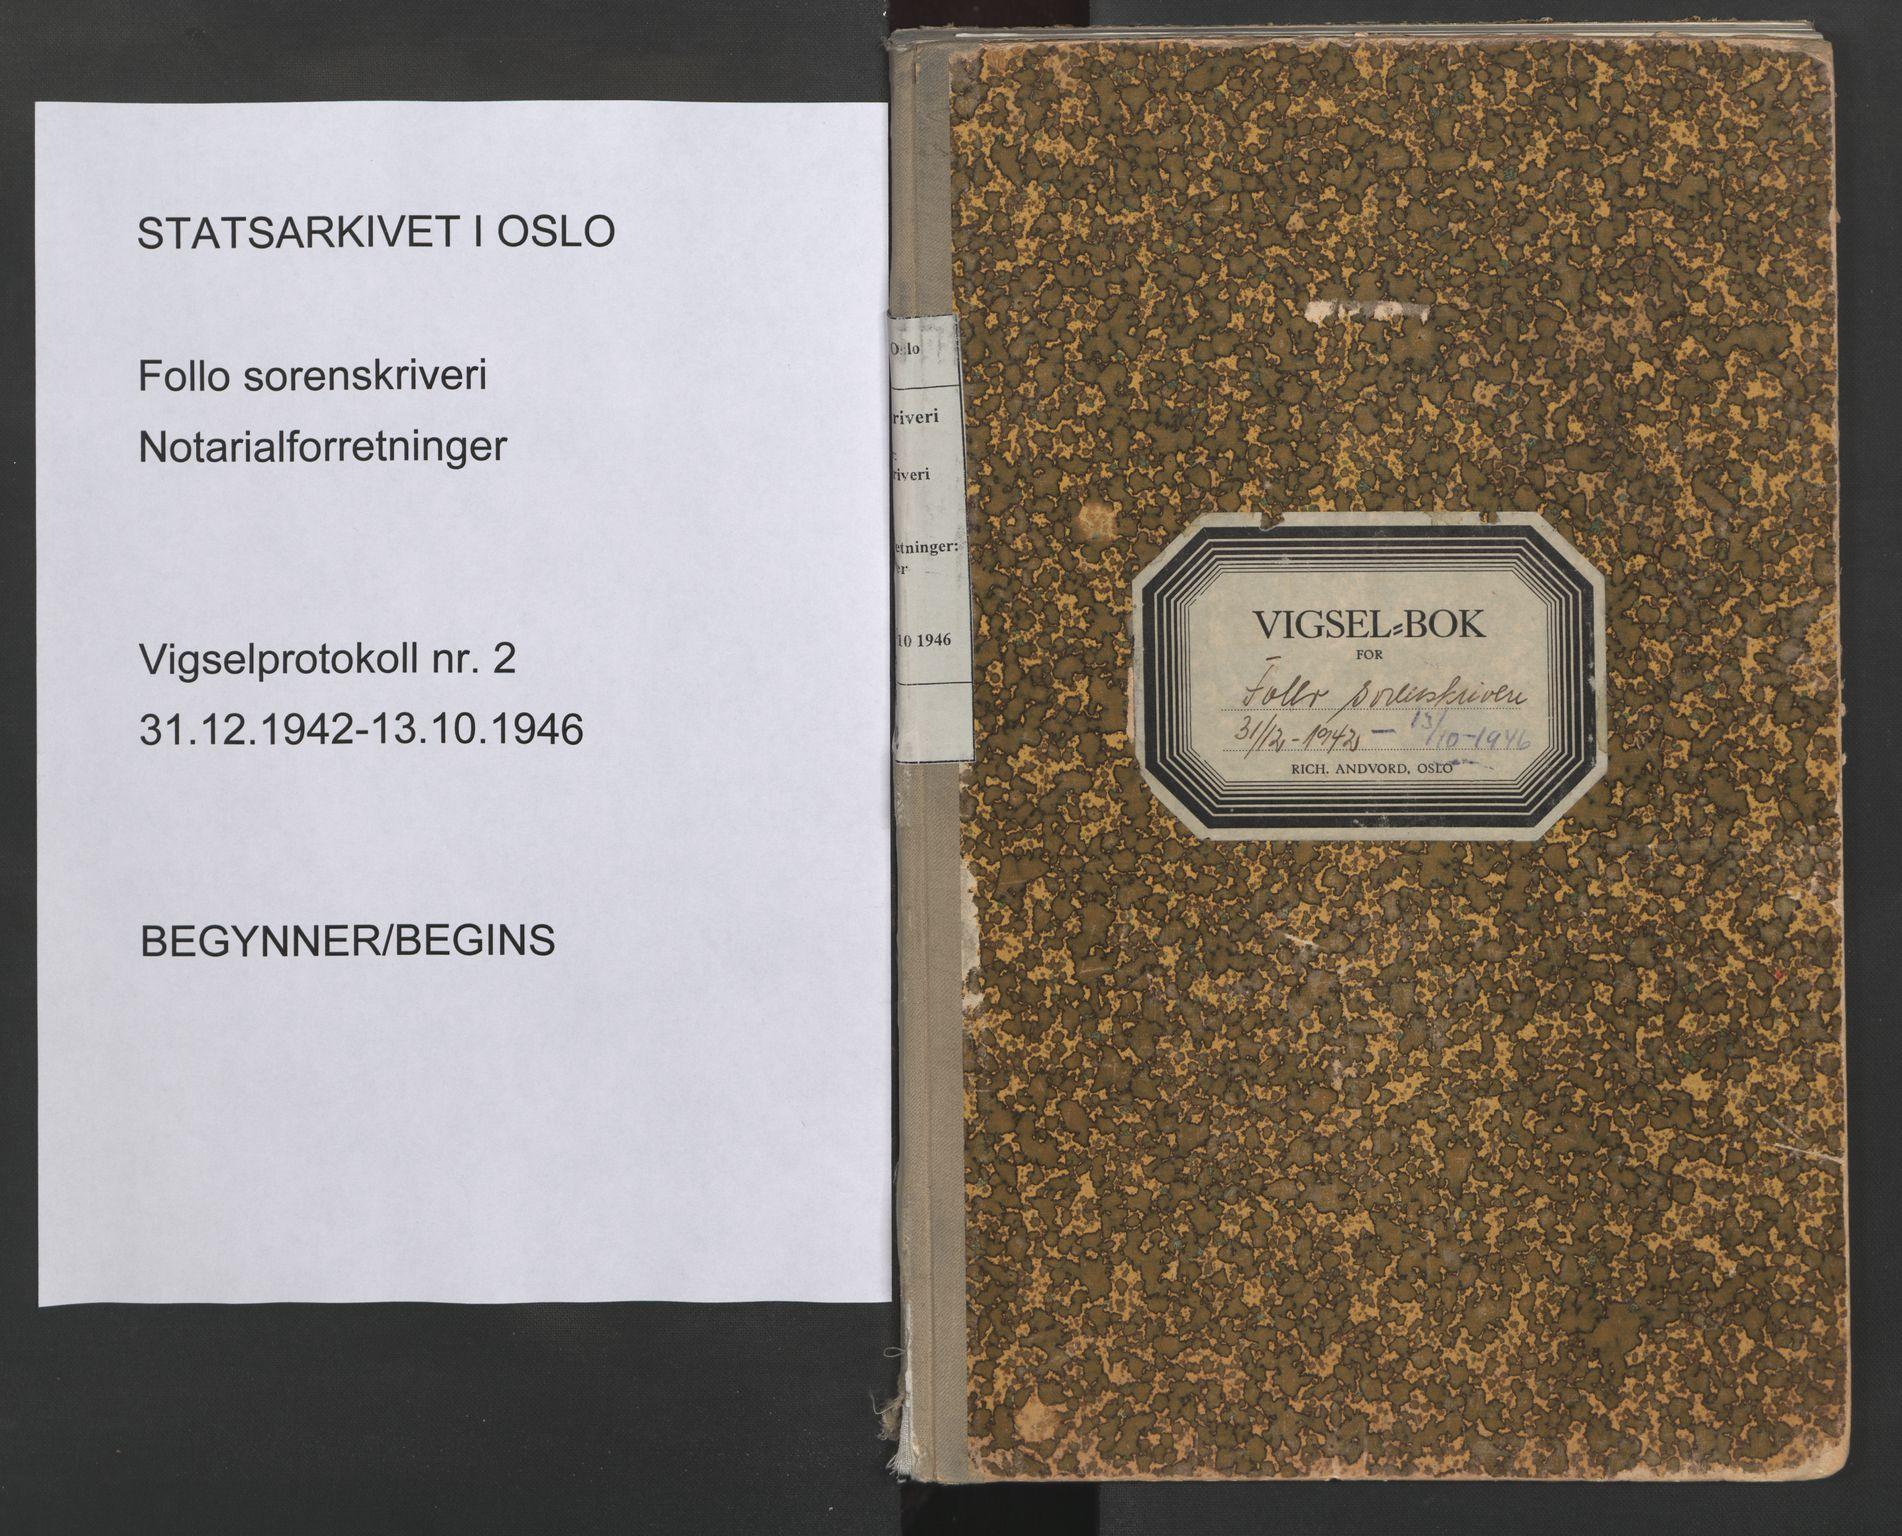 SAO, Follo sorenskriveri, L/La/Lab/L0002: Vigselsbok, 1942-1946, s. upaginert